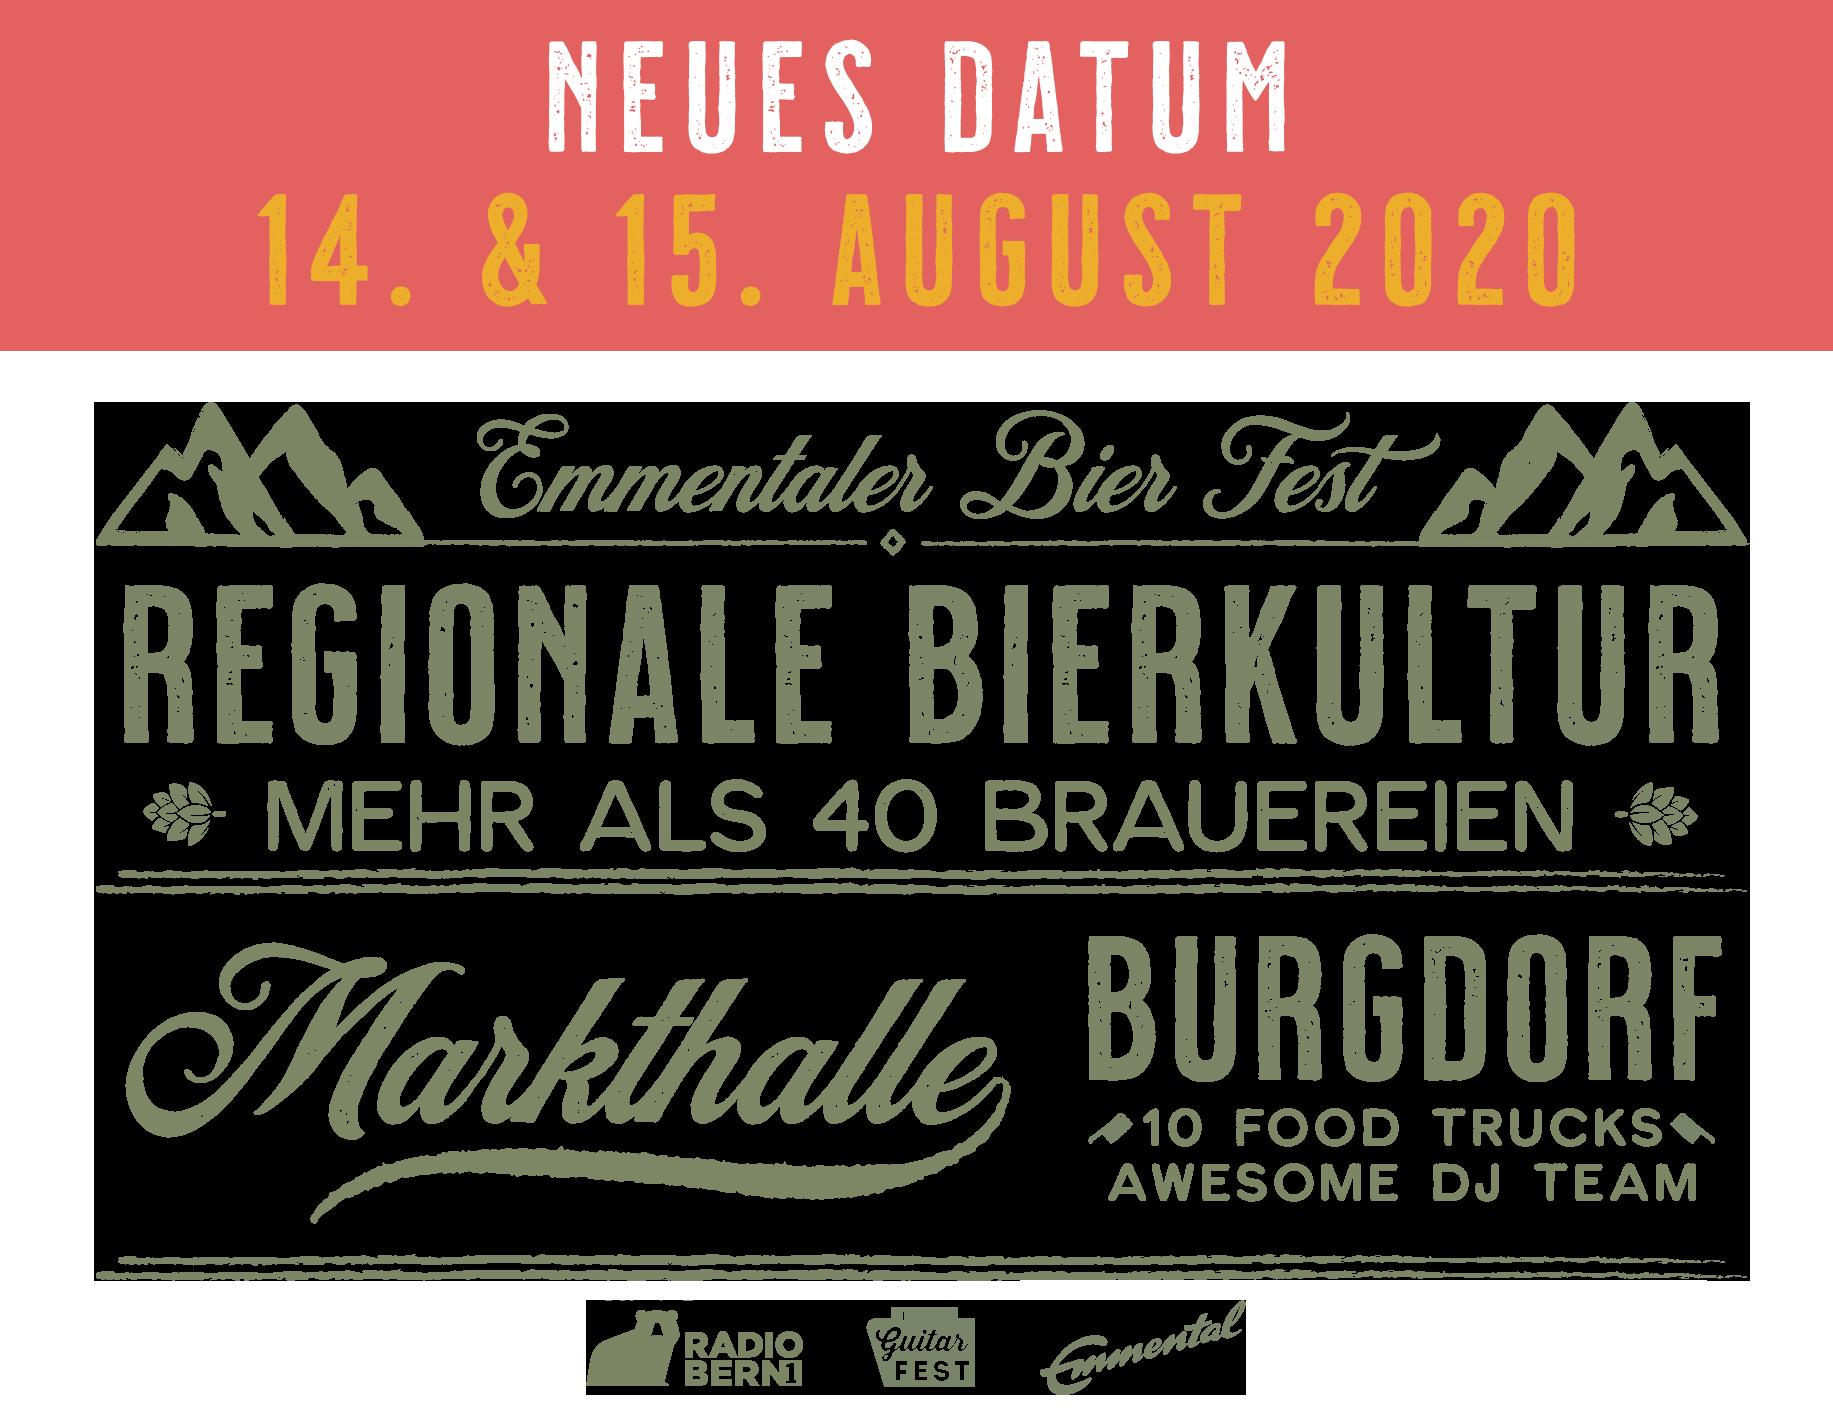 Let it Beer August 2020